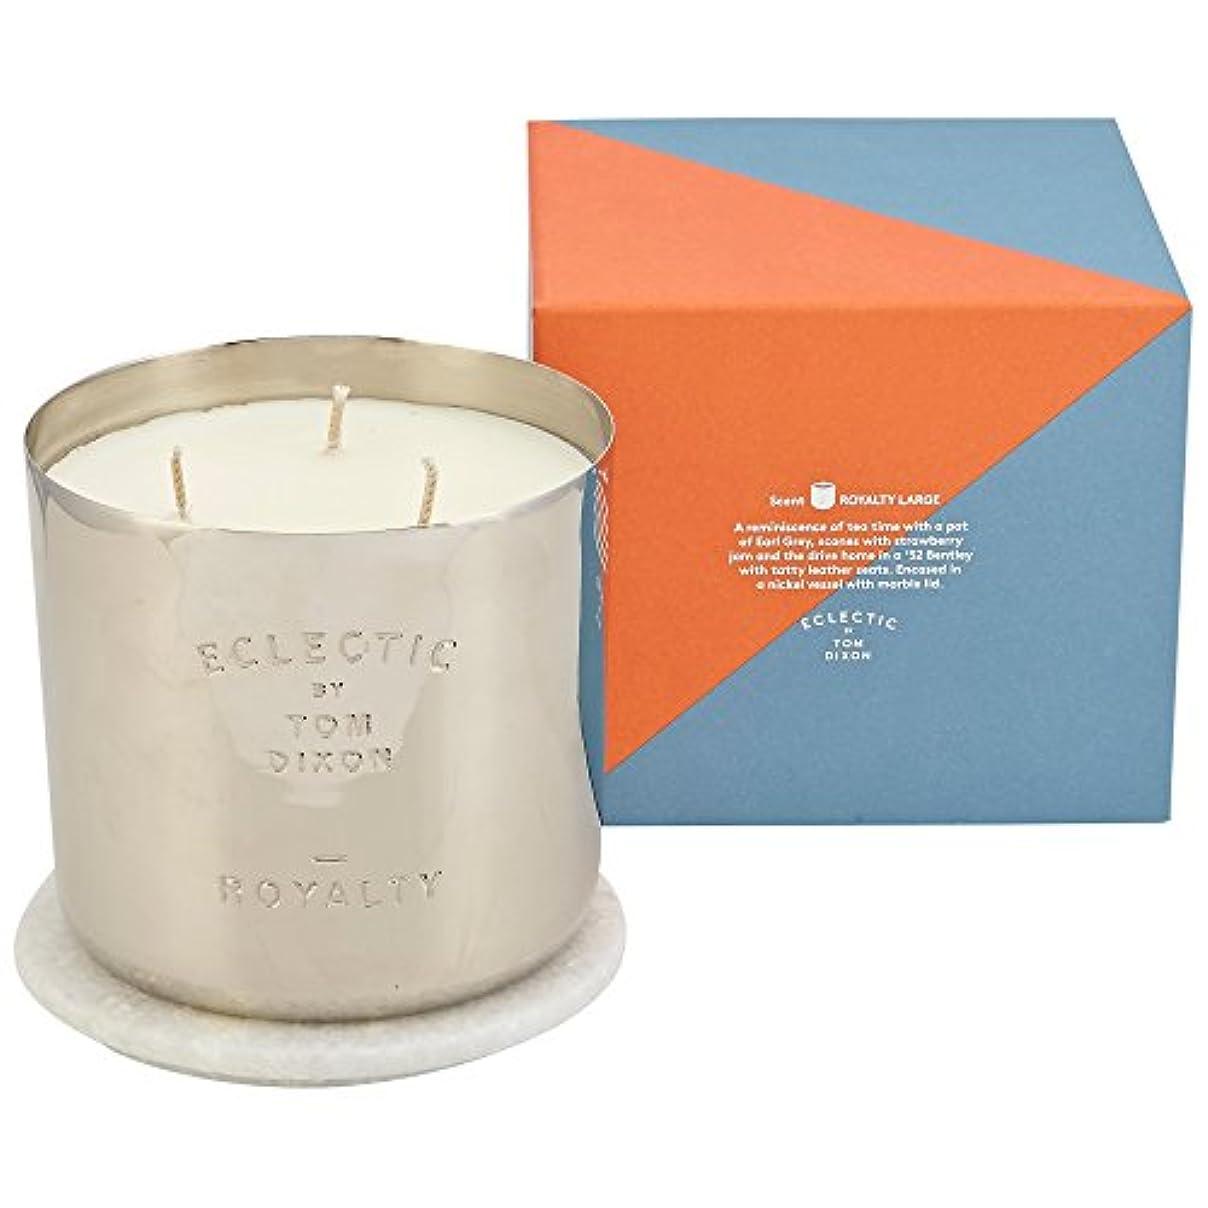 つなぐ簡略化する溝Tom Dixon Royalty Scented Candle Large - トムディクソンロイヤリティ大きな香りのキャンドル [並行輸入品]